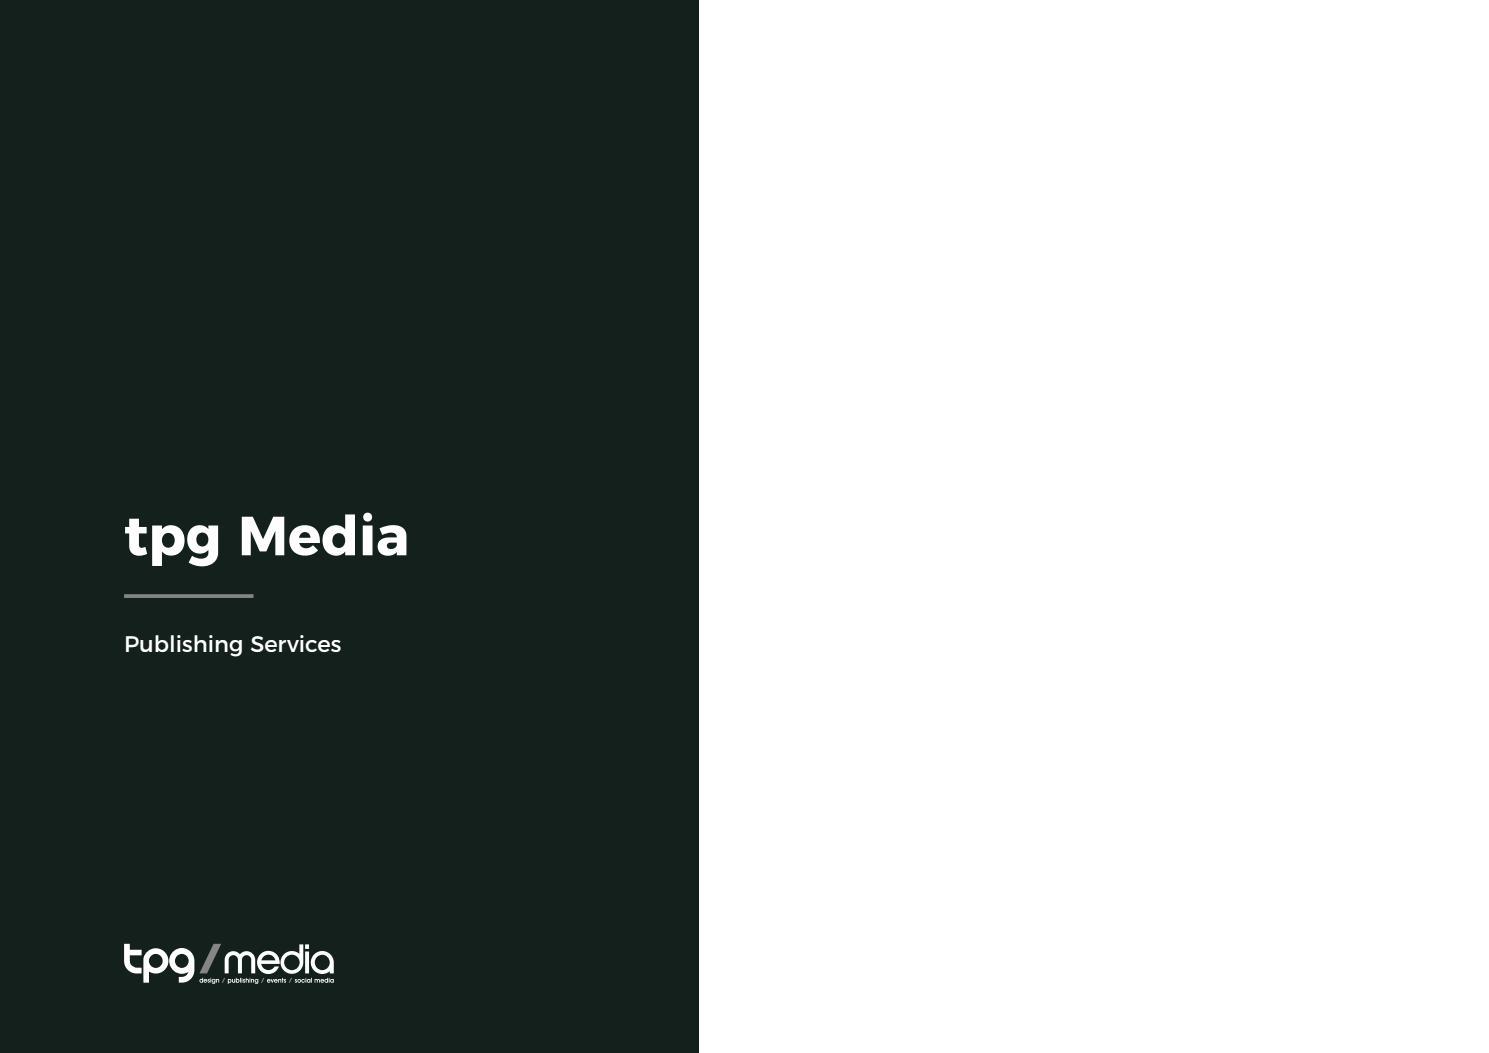 tpg Media Publishing Services by tpg publishing - issuu